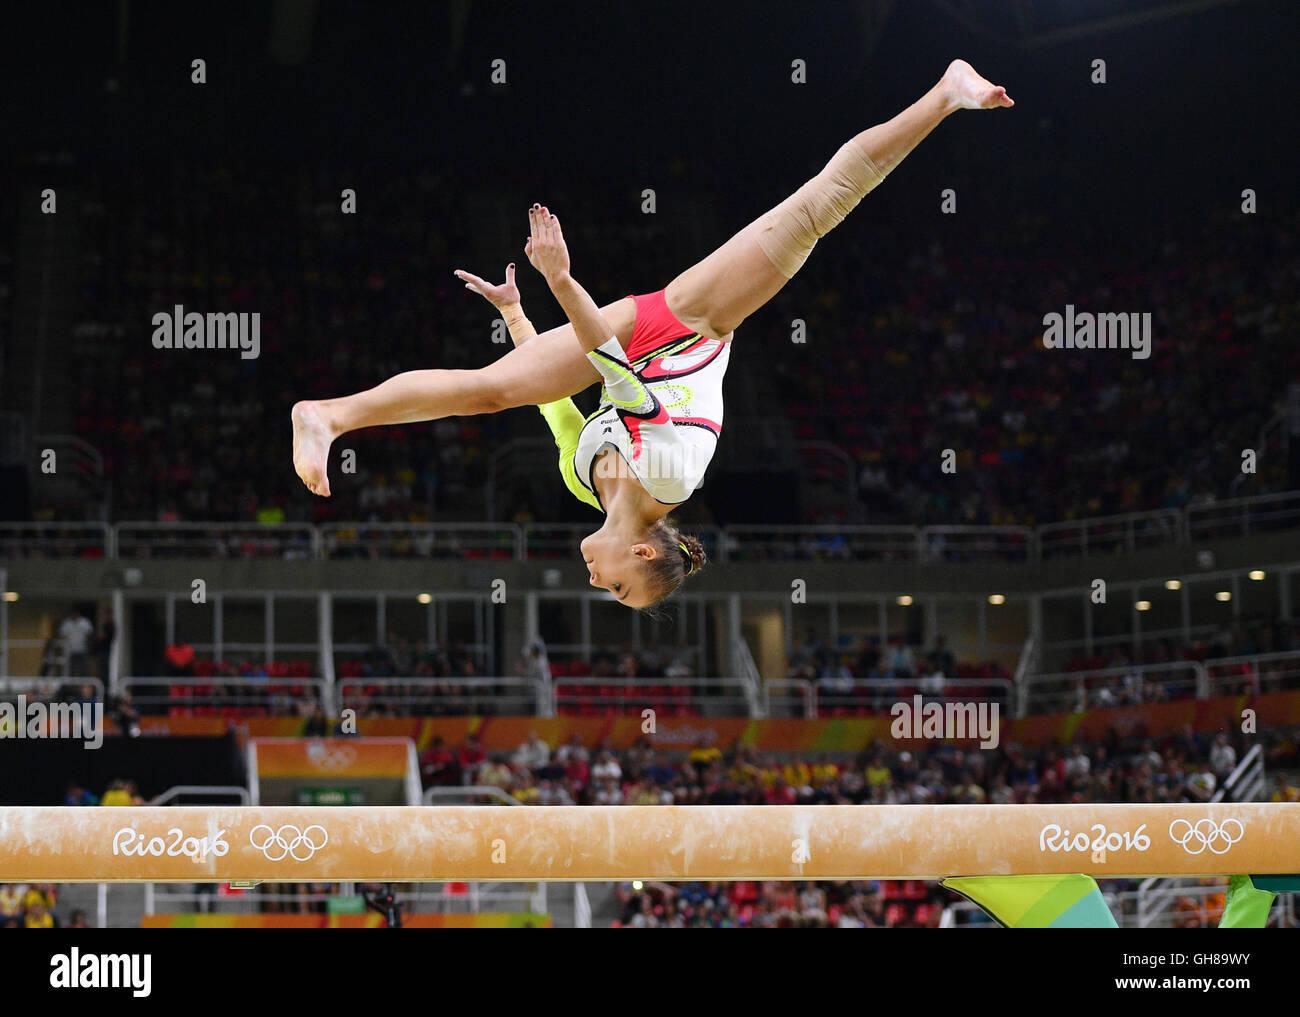 Rio de Janeiro, Brésil. 9 Août, 2016. Tabea Alt de l'Allemagne joue sur le faisceau lors de l'équipe Photo Stock